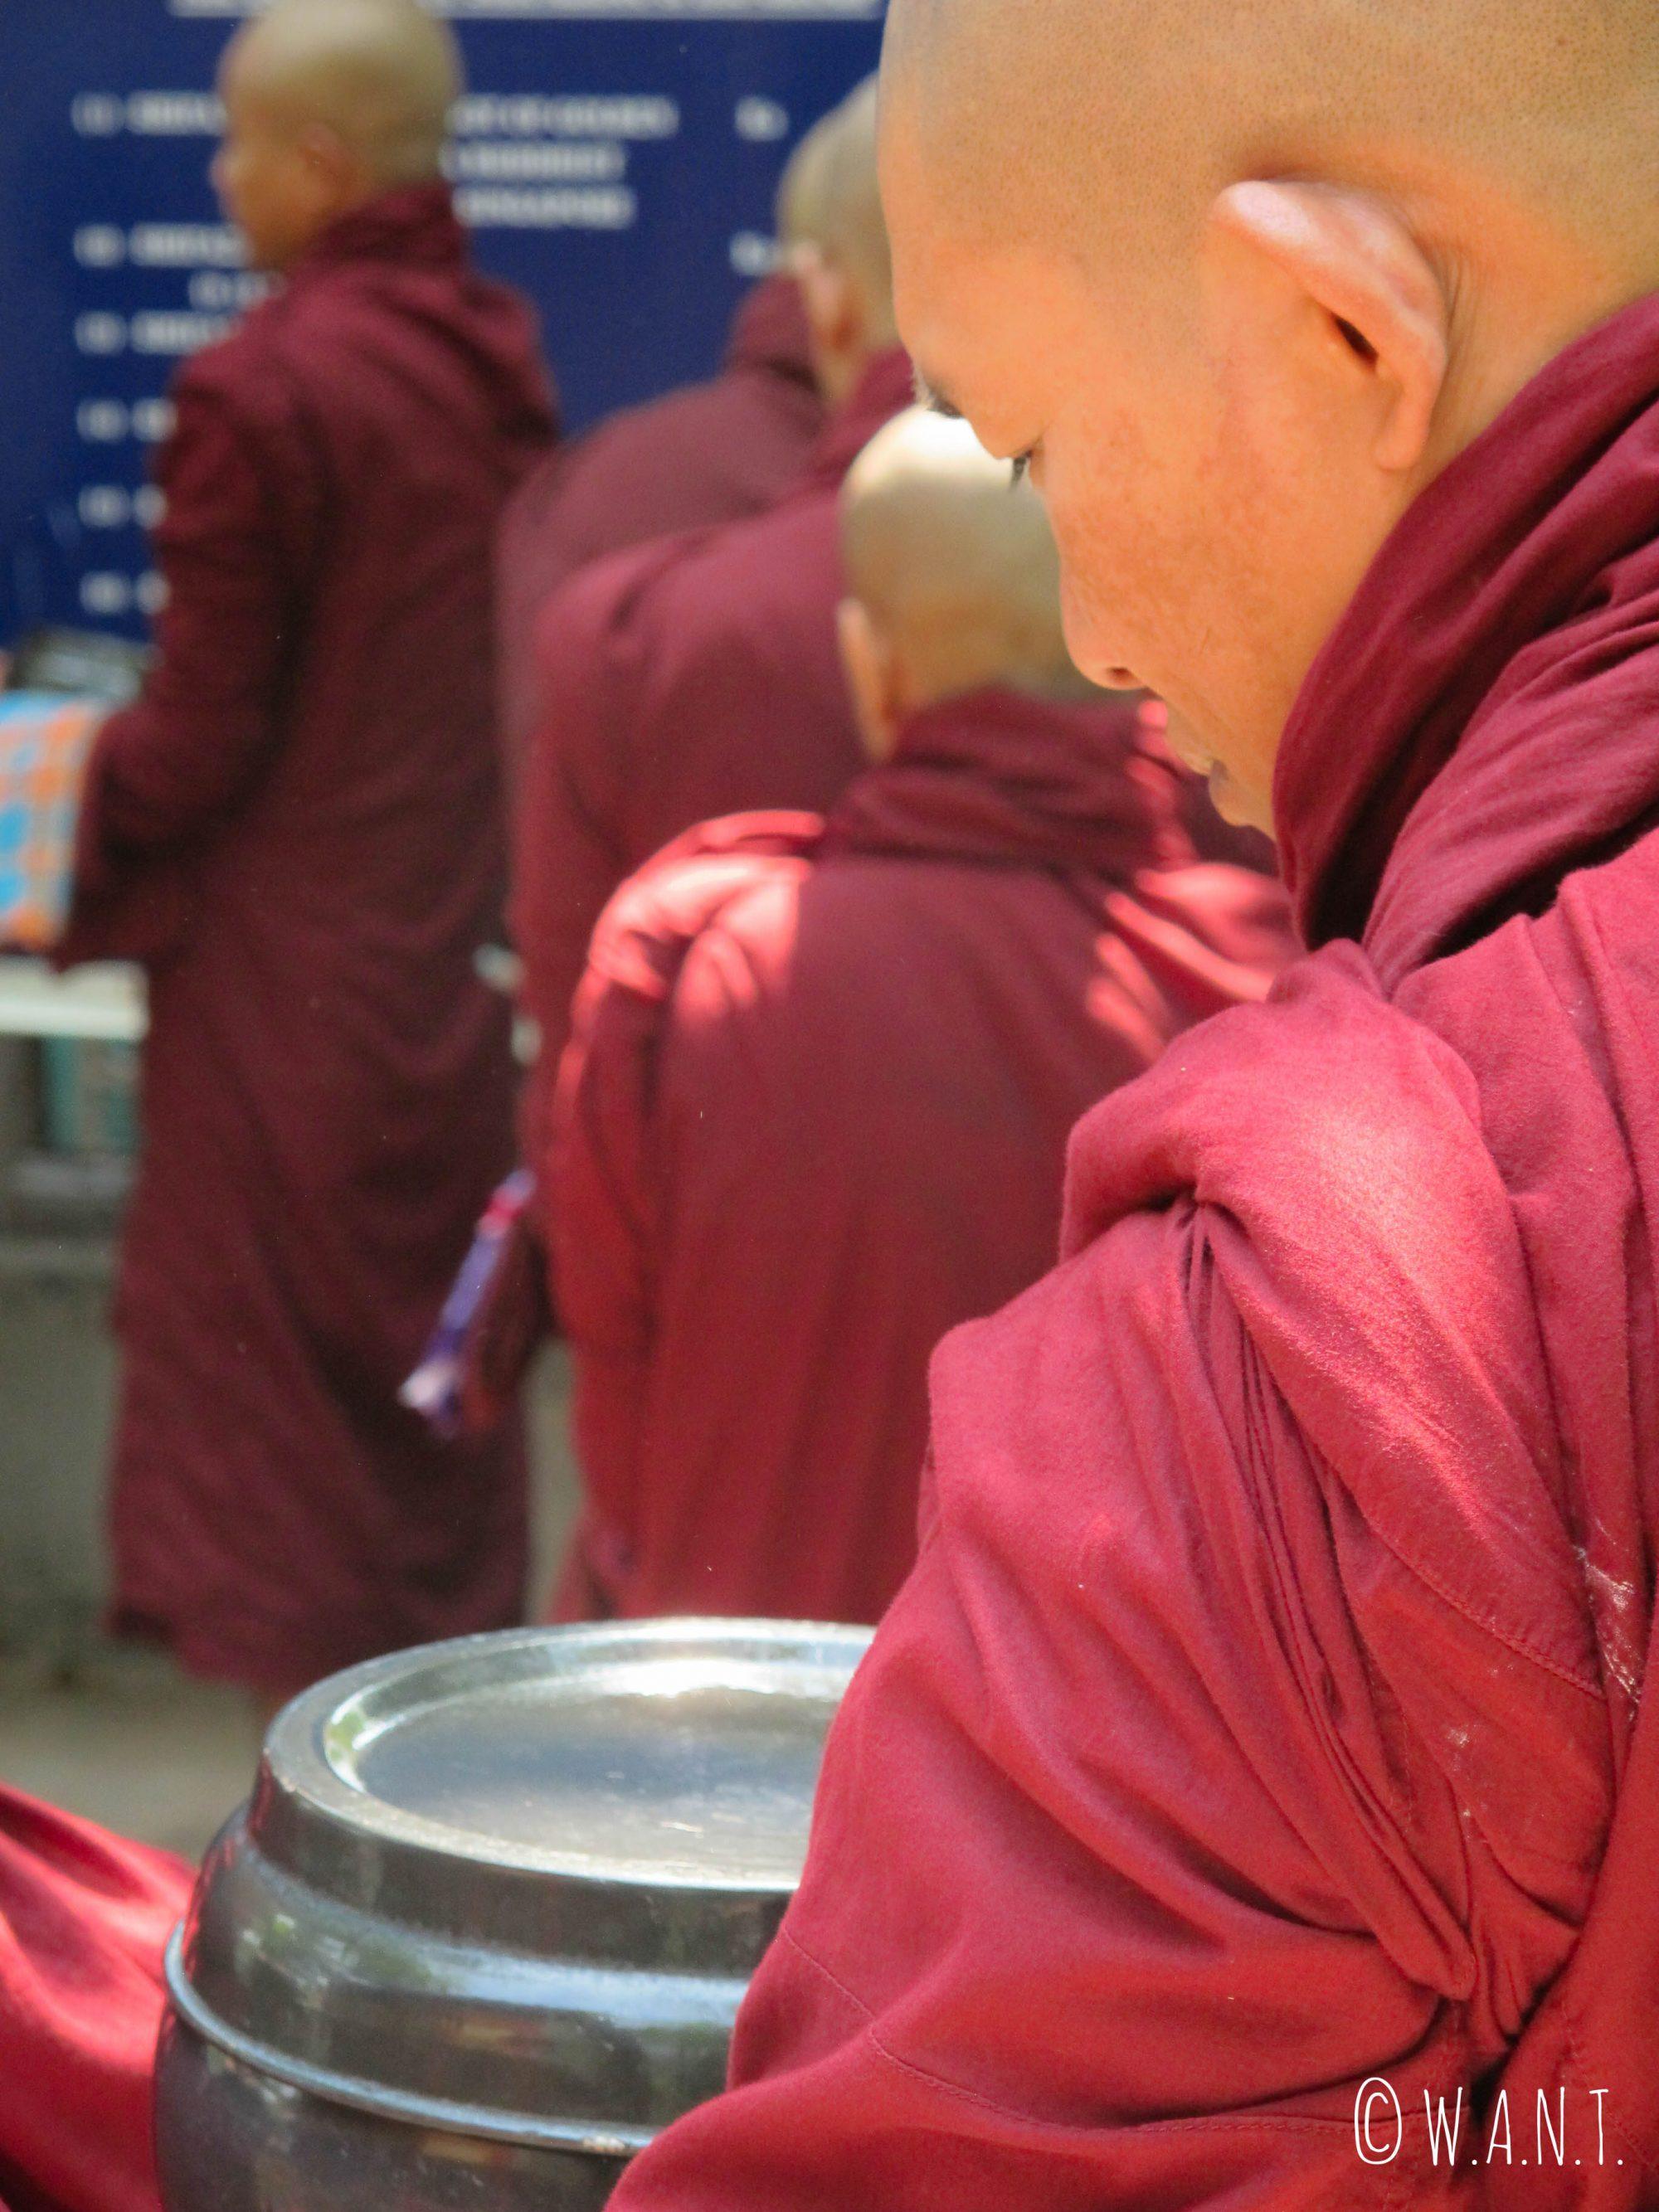 Les moines du monastère Maha Ganayon Kyaung font la queue en attendant que le repas leur soit servi